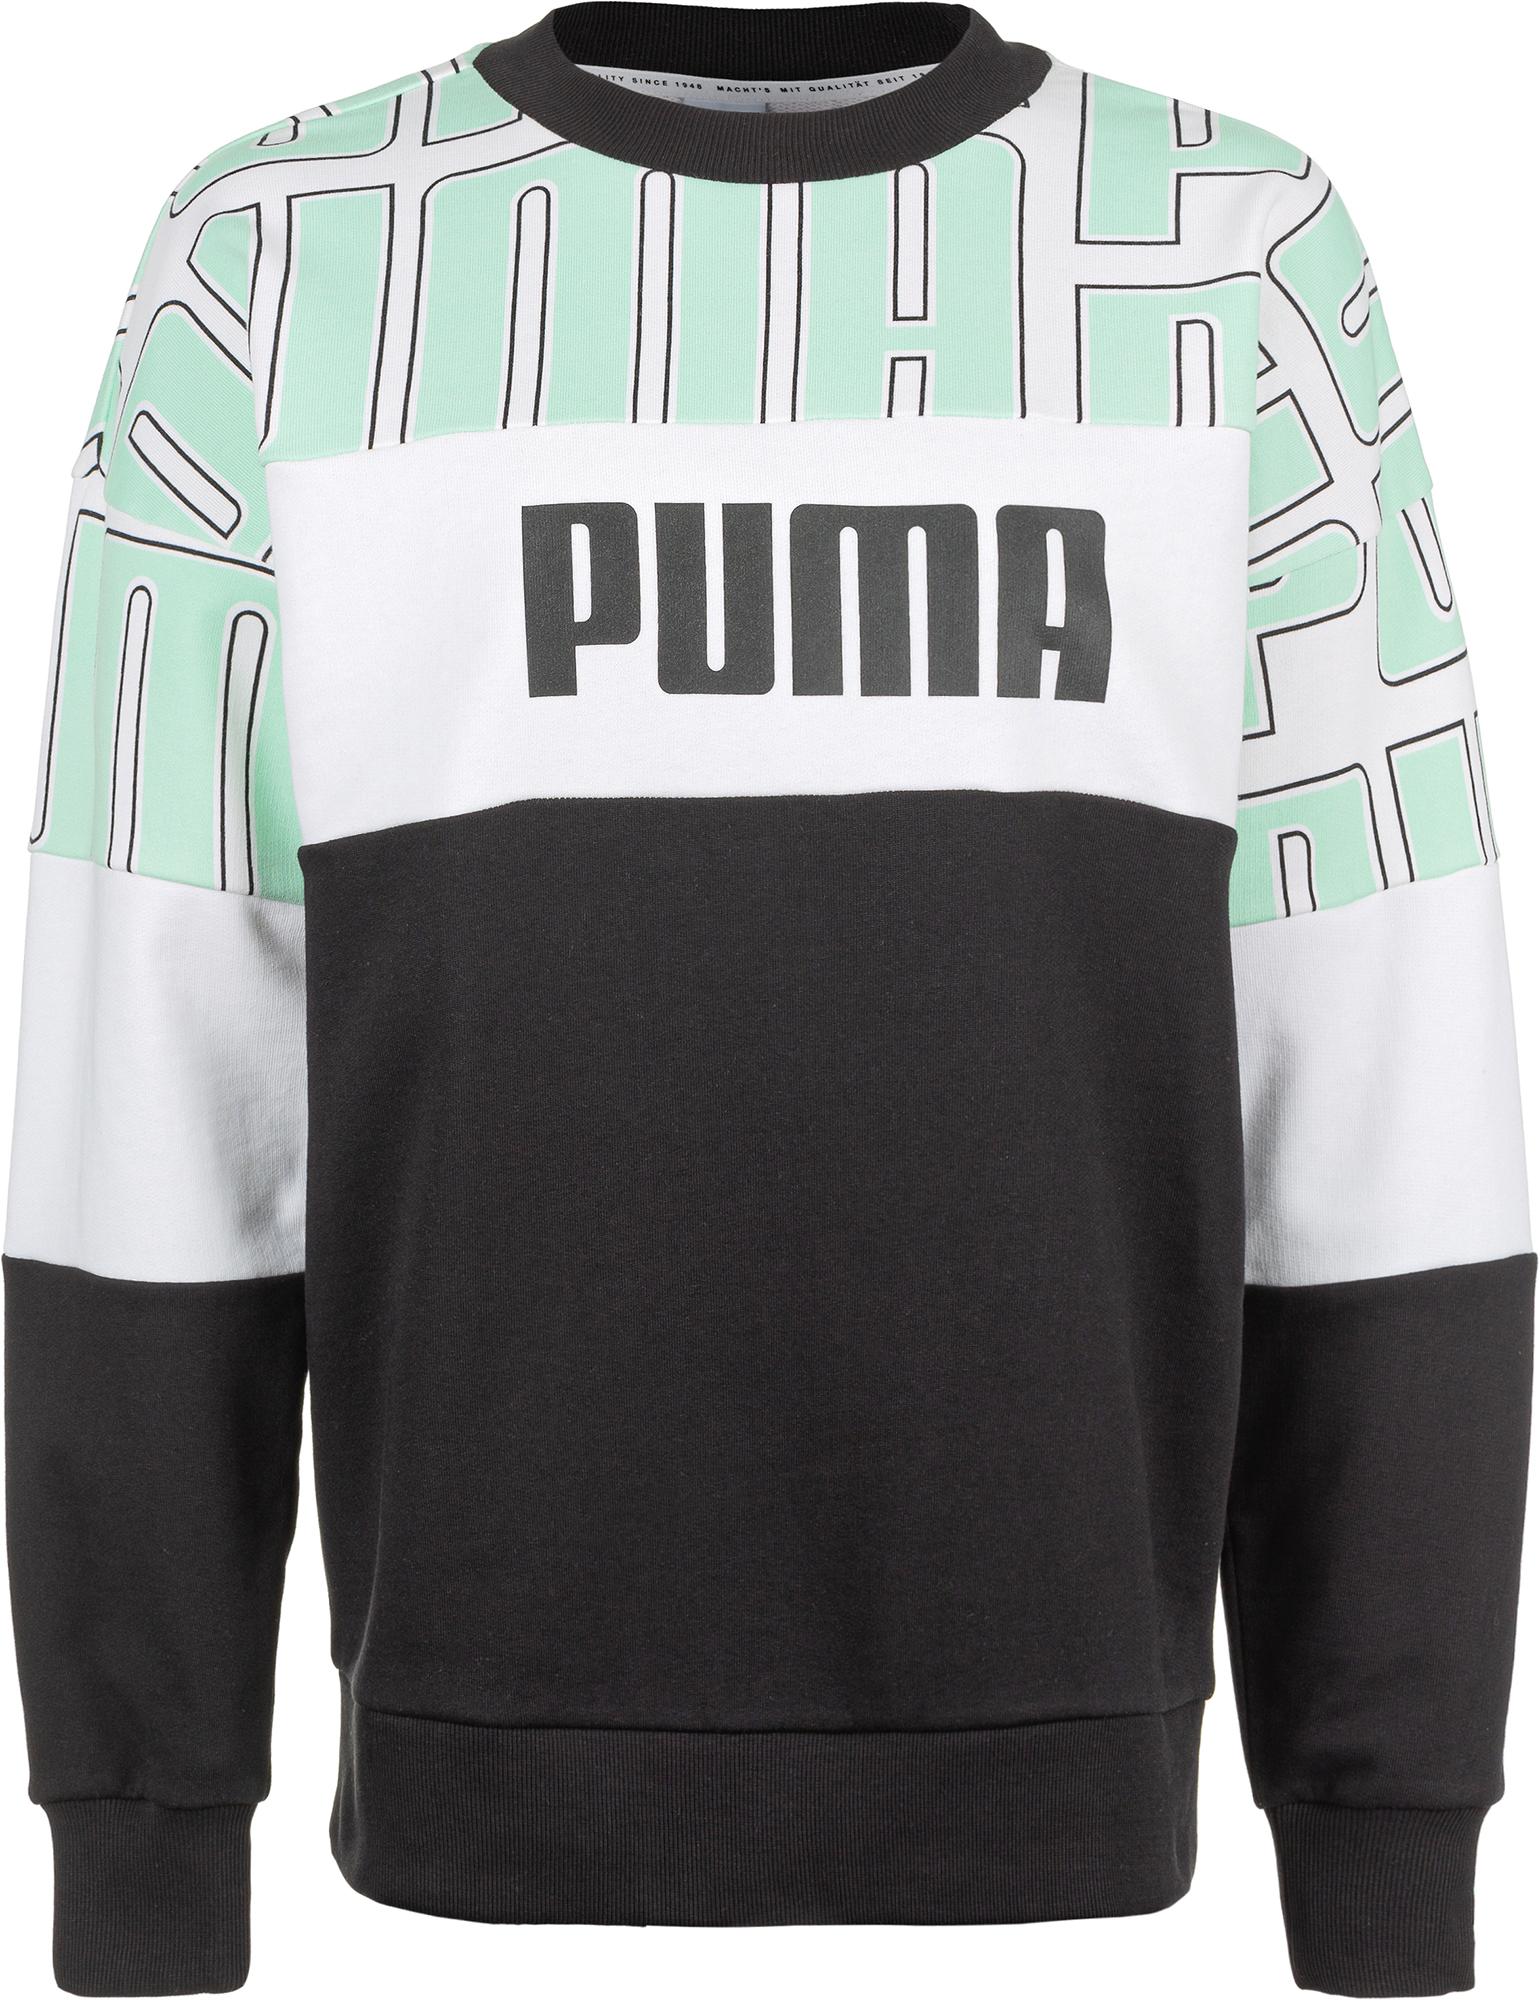 пуховик женский puma 70 30 480 down jacket цвет молочный 85166611 размер m 44 46 Puma Свитшот женский Puma AOP Crew, размер 44-46